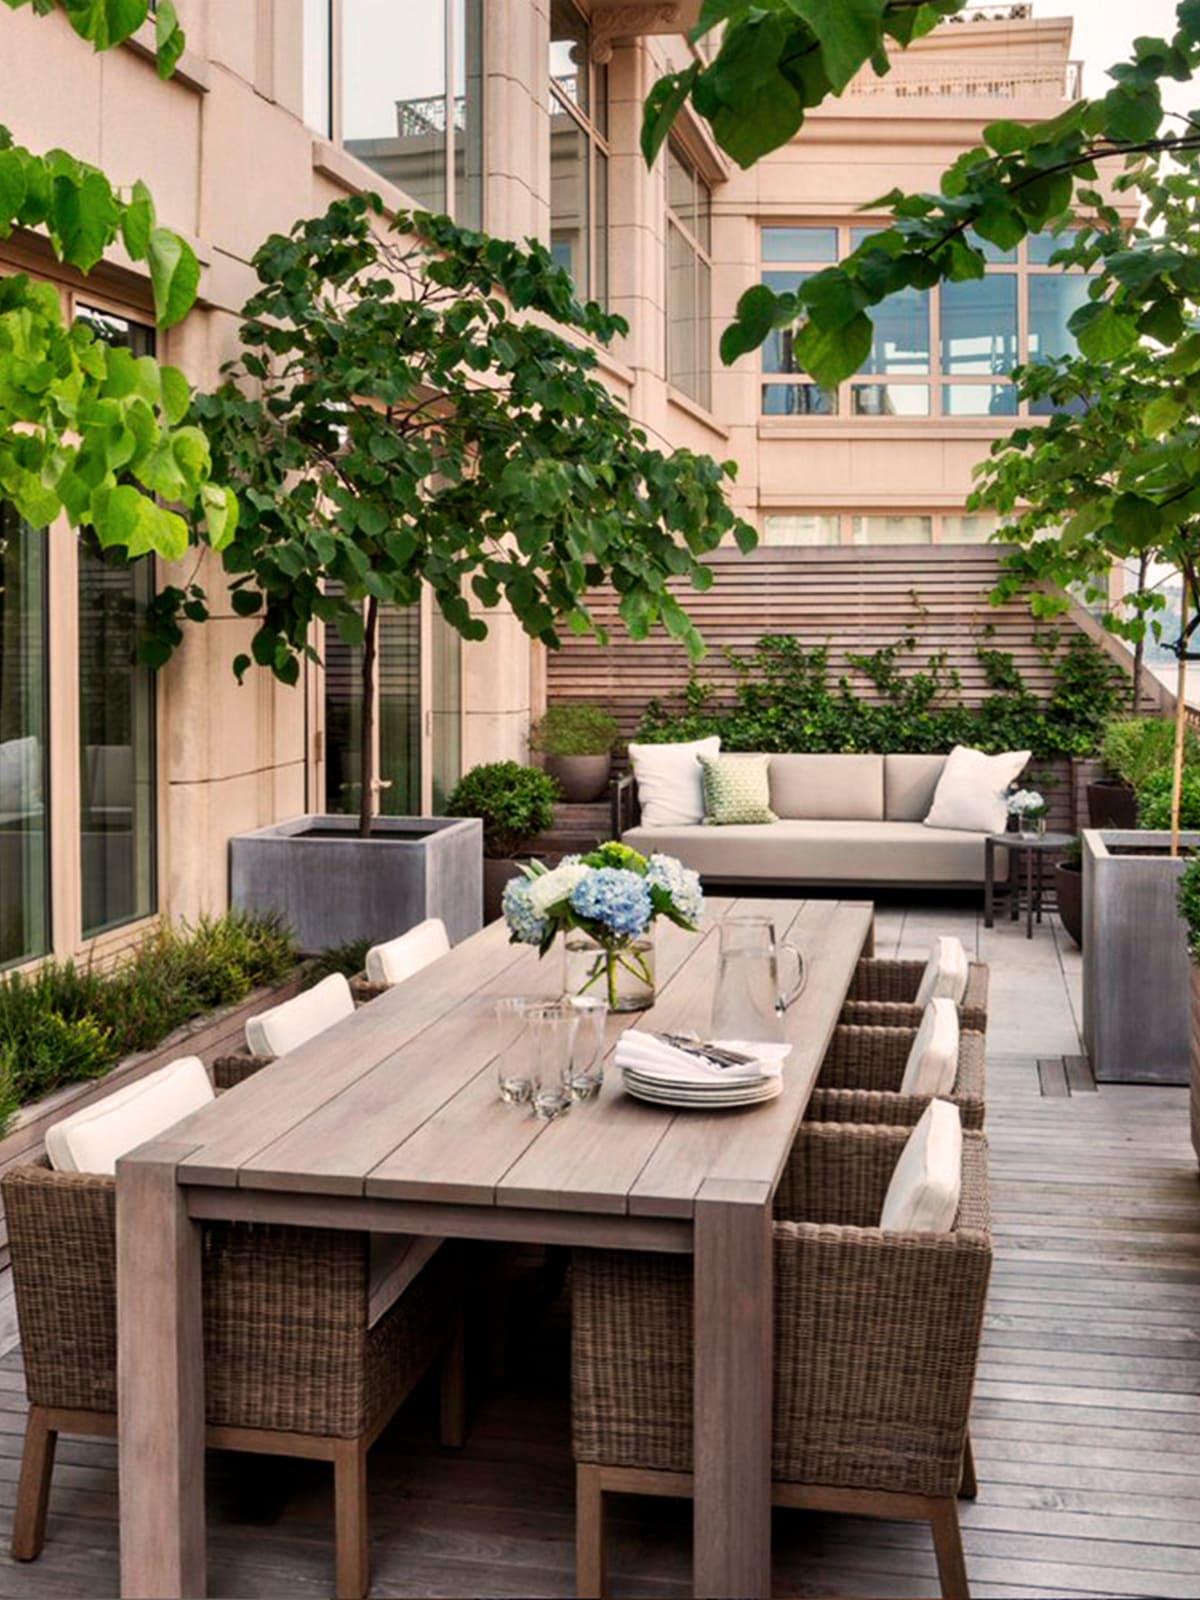 blog-vegetacion-decoracion-terrazas-balcones-10_HIDROJARDIN-Bañeres